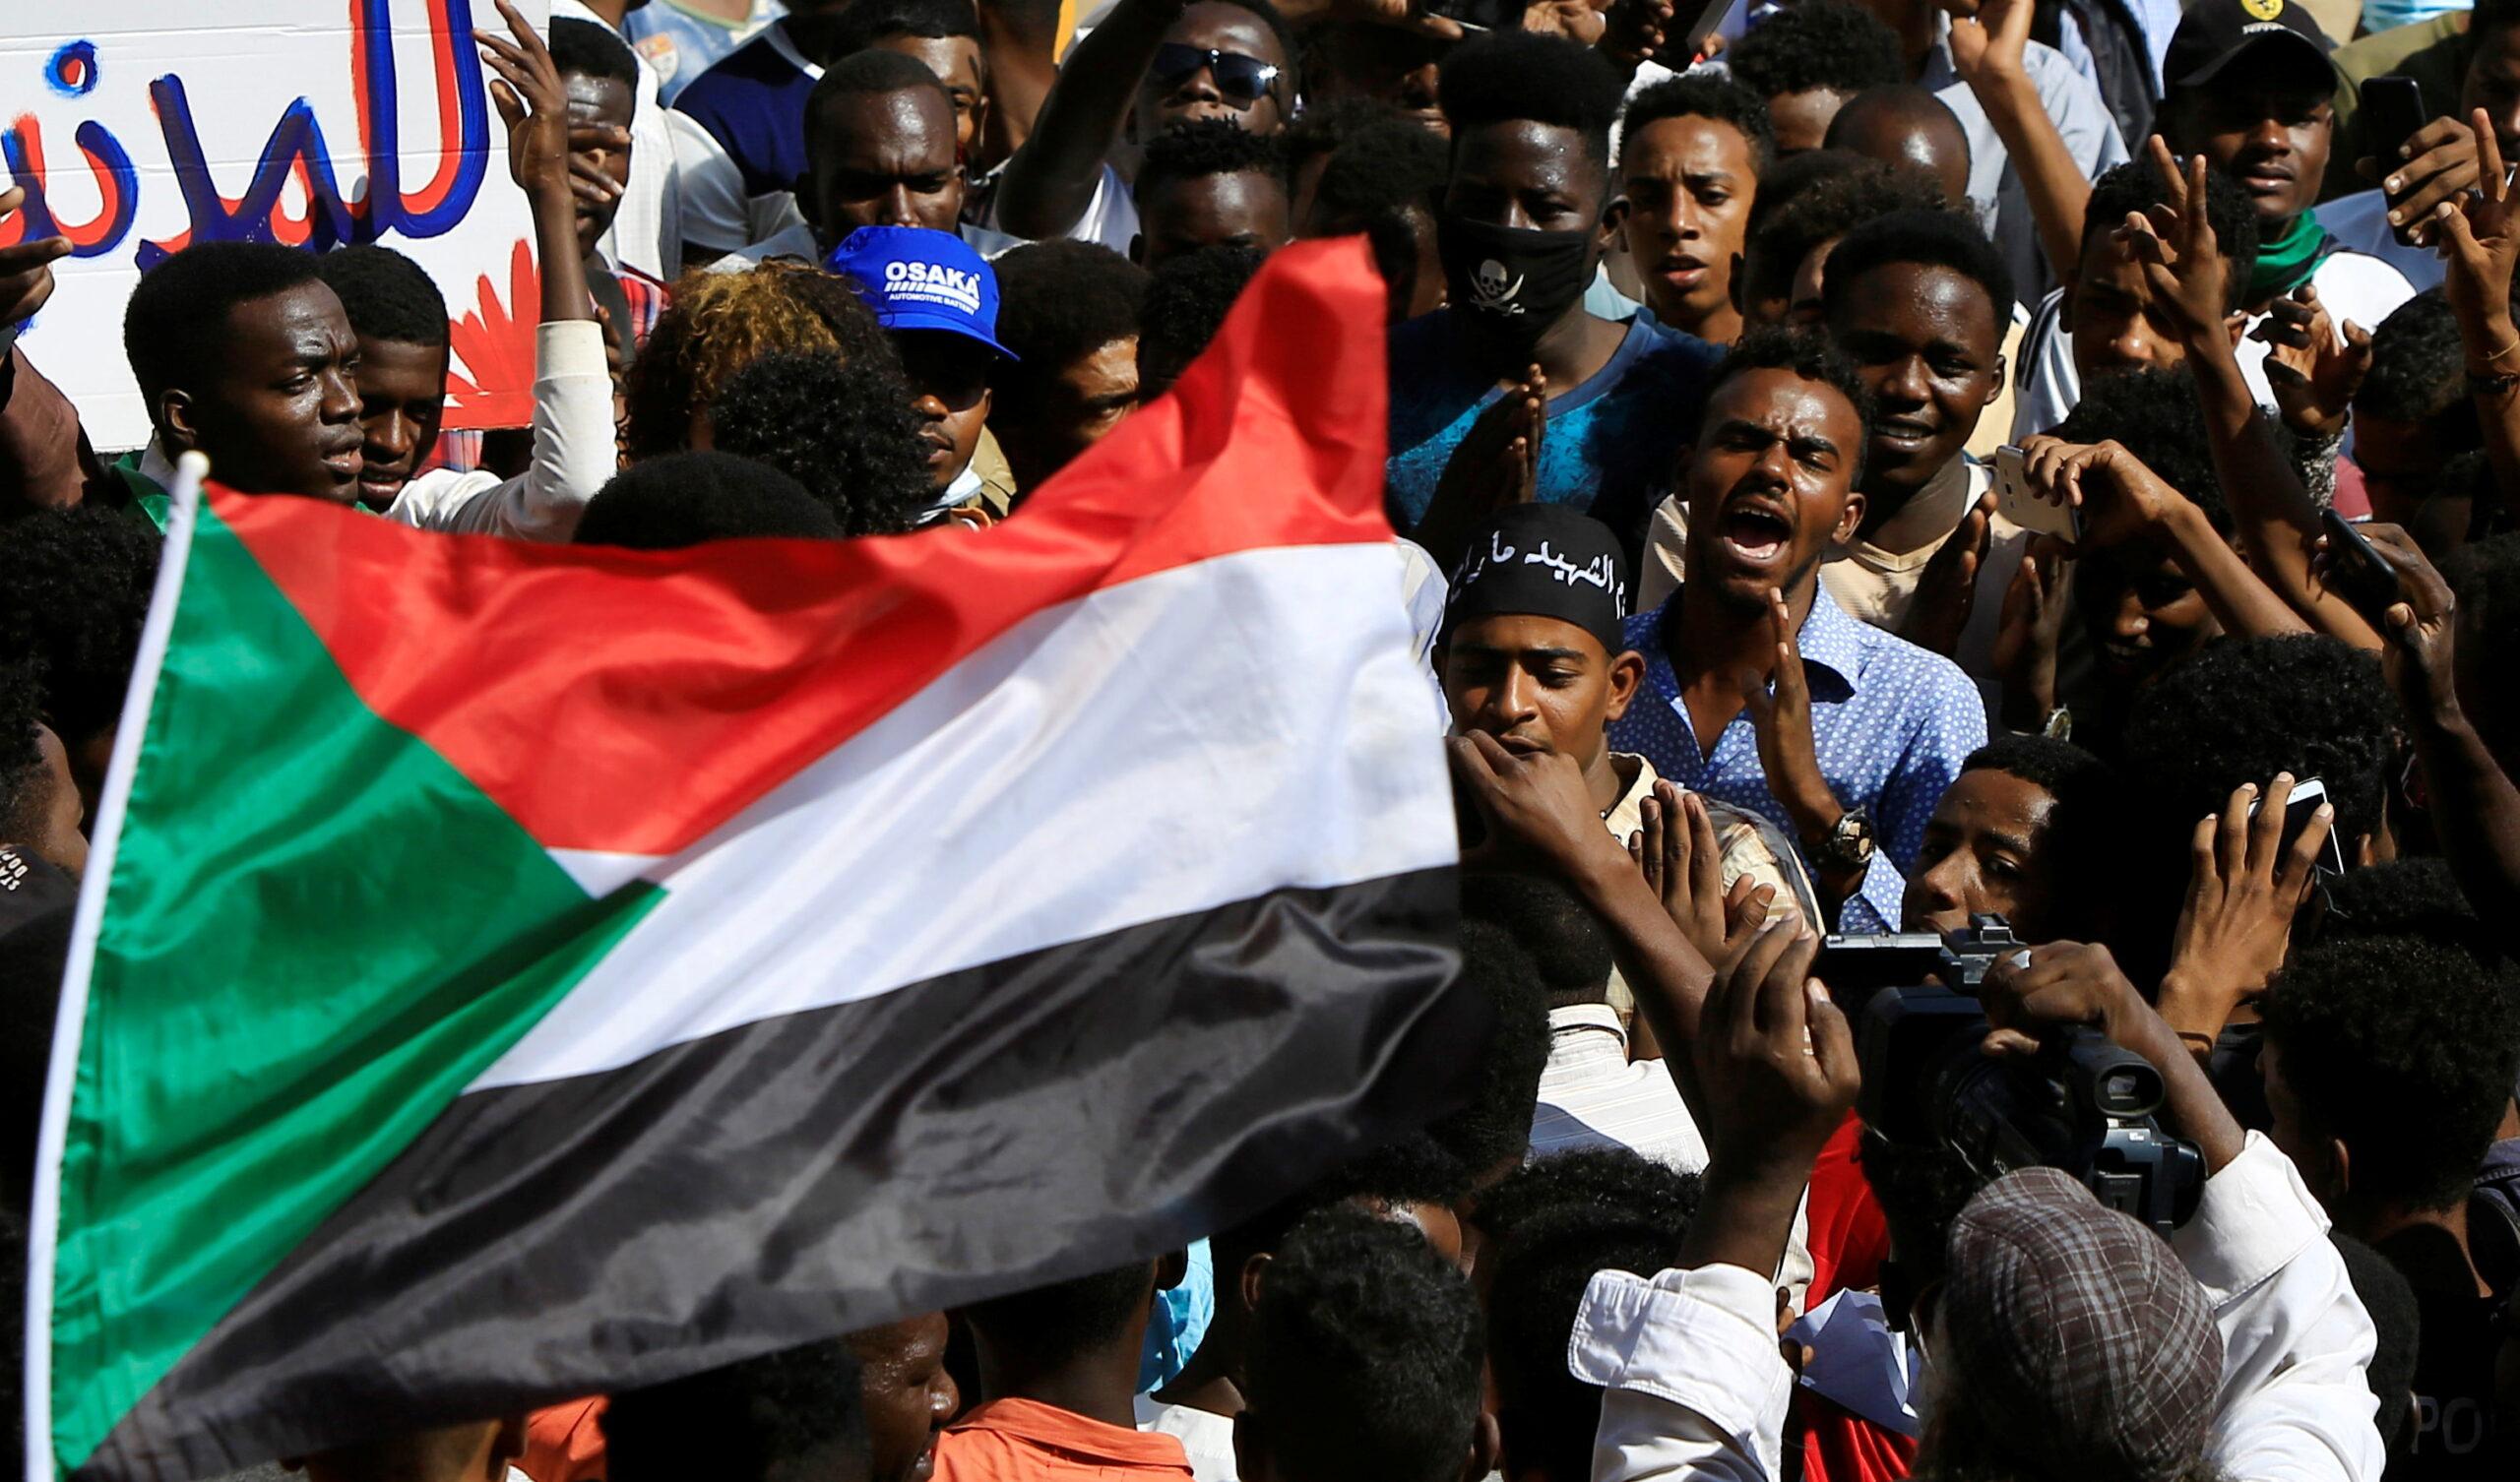 Sudan rimosso dalla lista nera